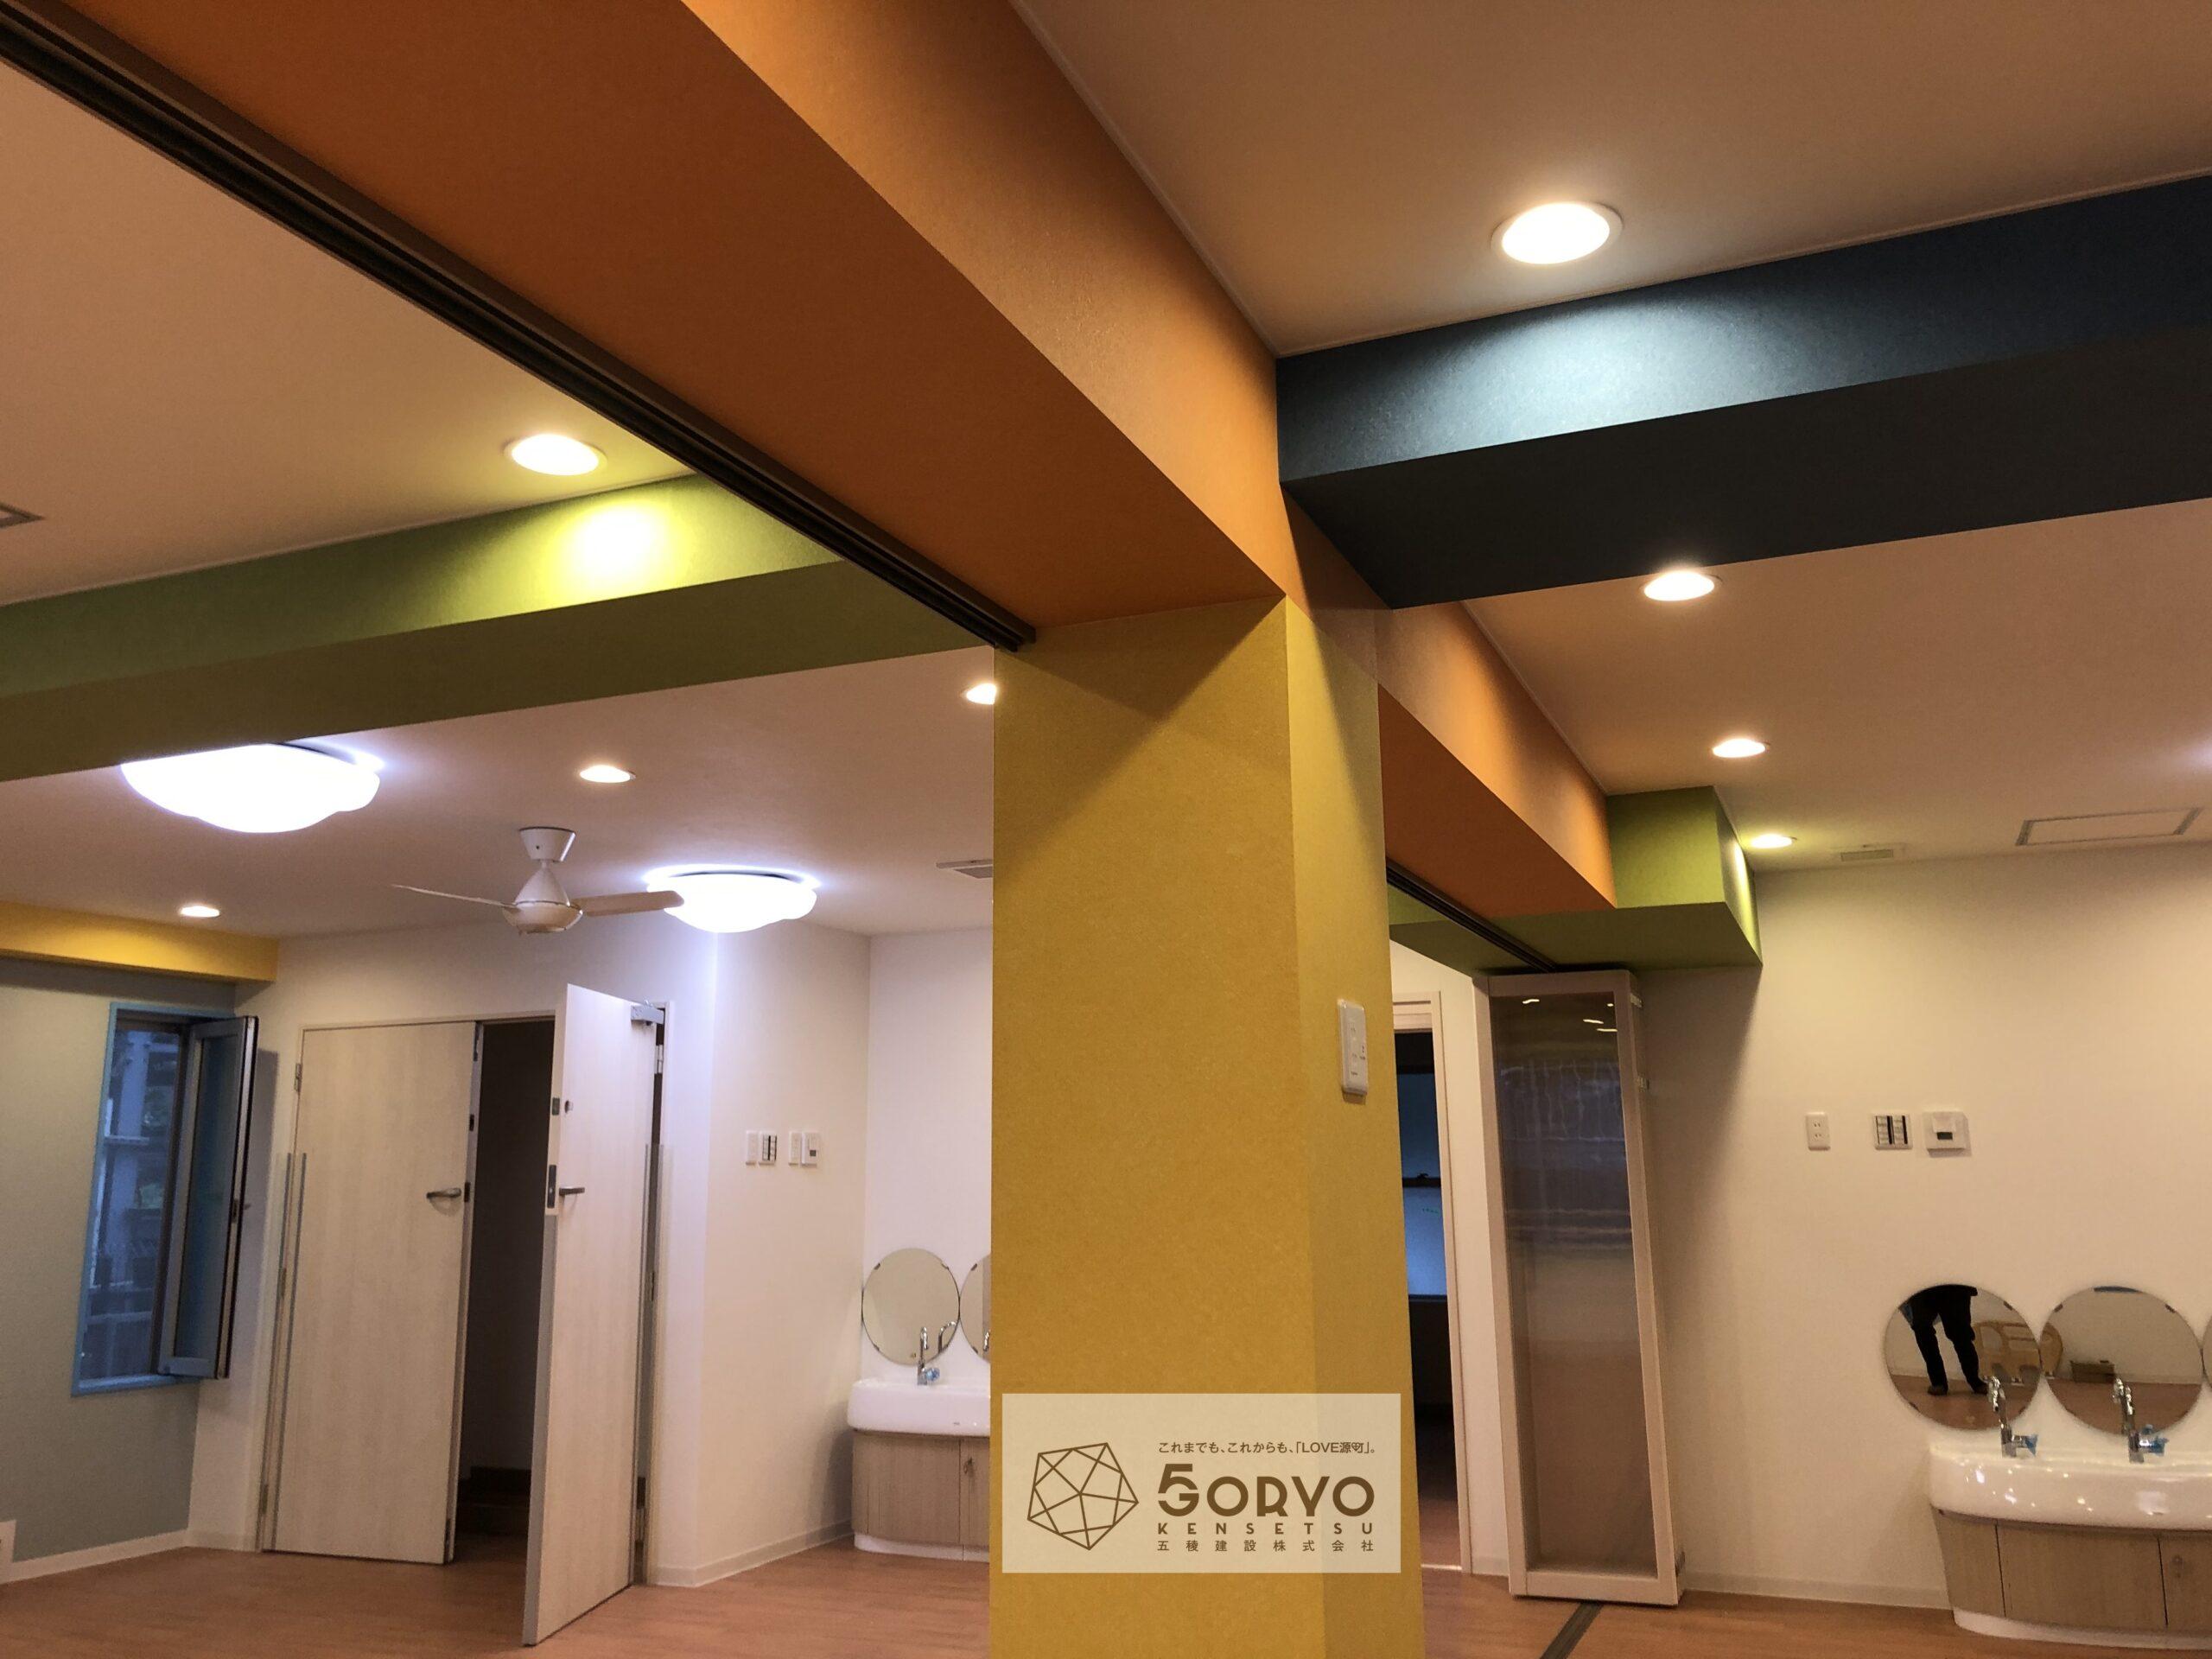 千葉市美浜区ビルを保育園へリノベーション、遊戯室part1:施工後